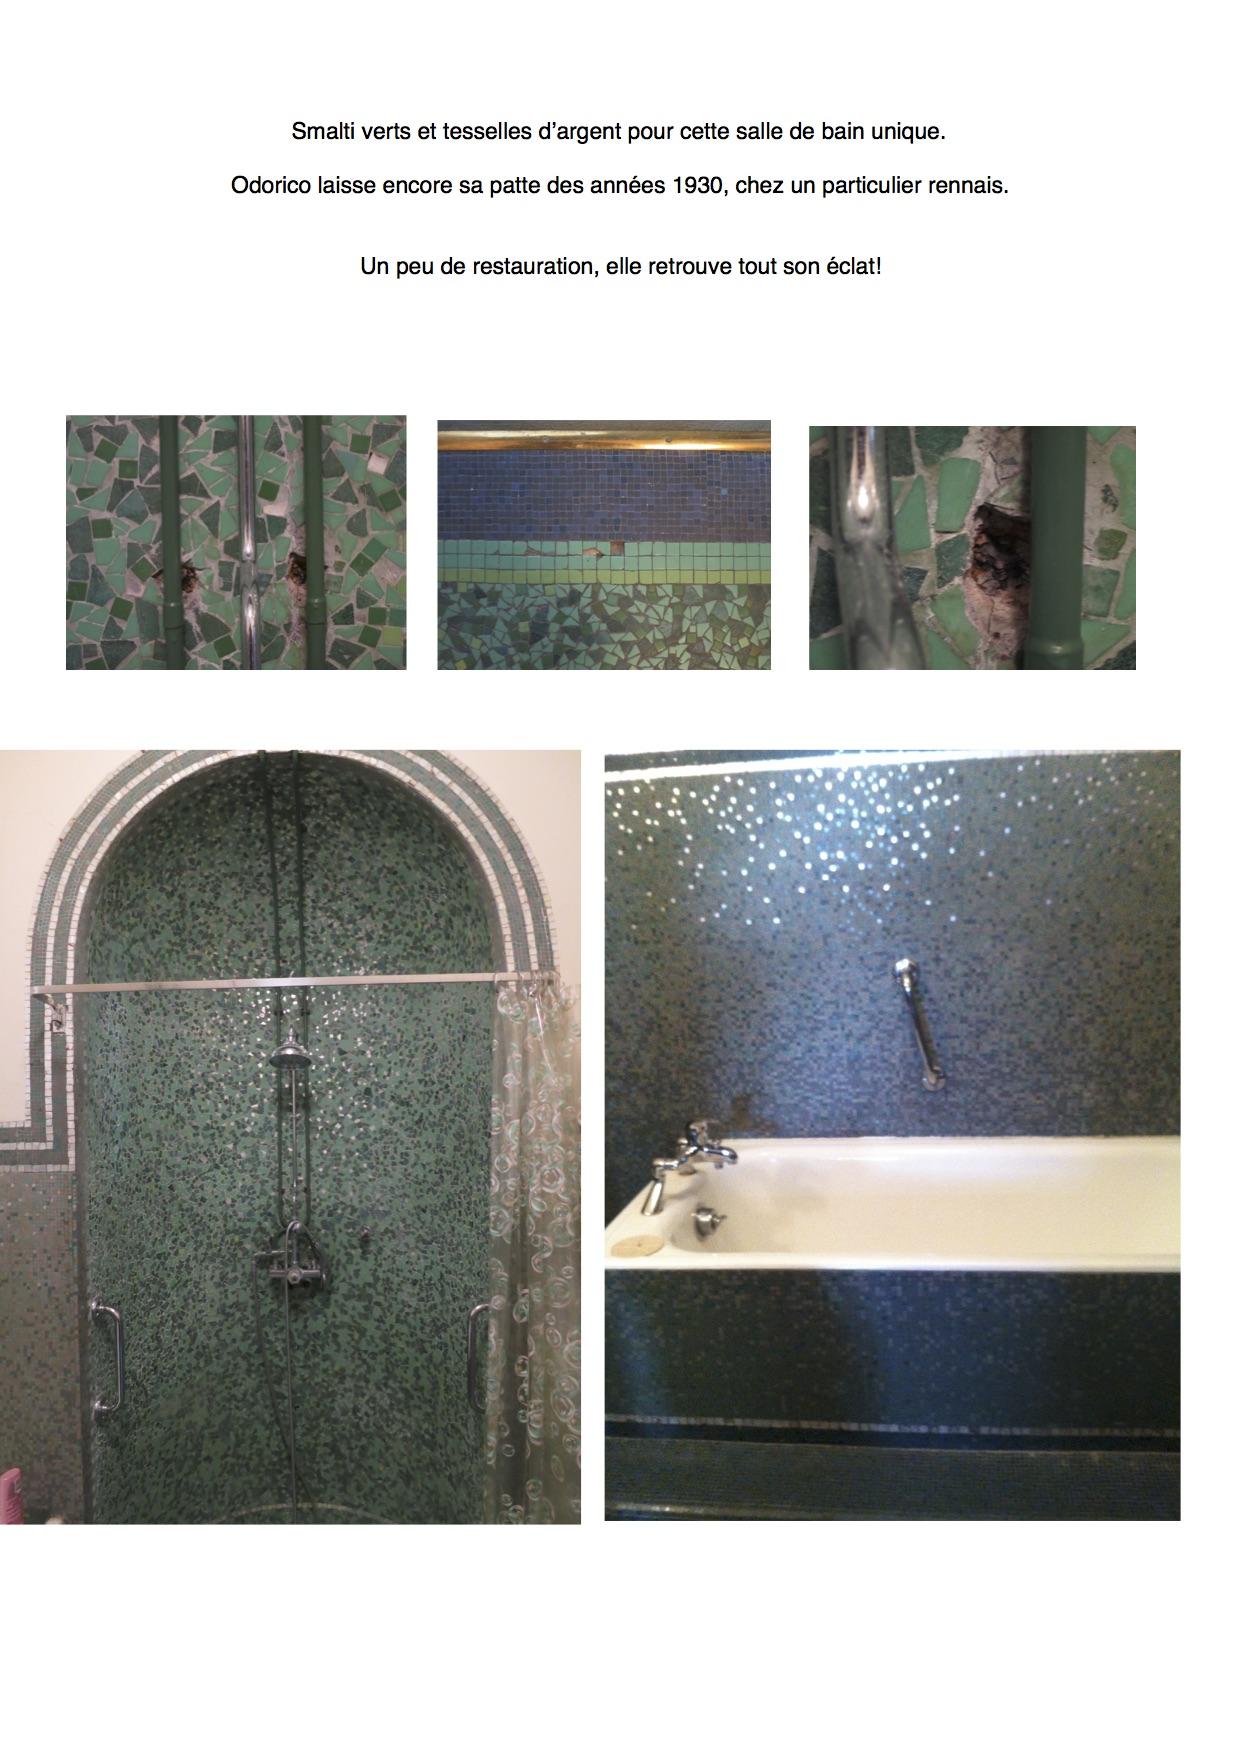 Electricite Salle De Bain Securite ~ poster salle de bain top coin duun intrieur bleu de salle de bains